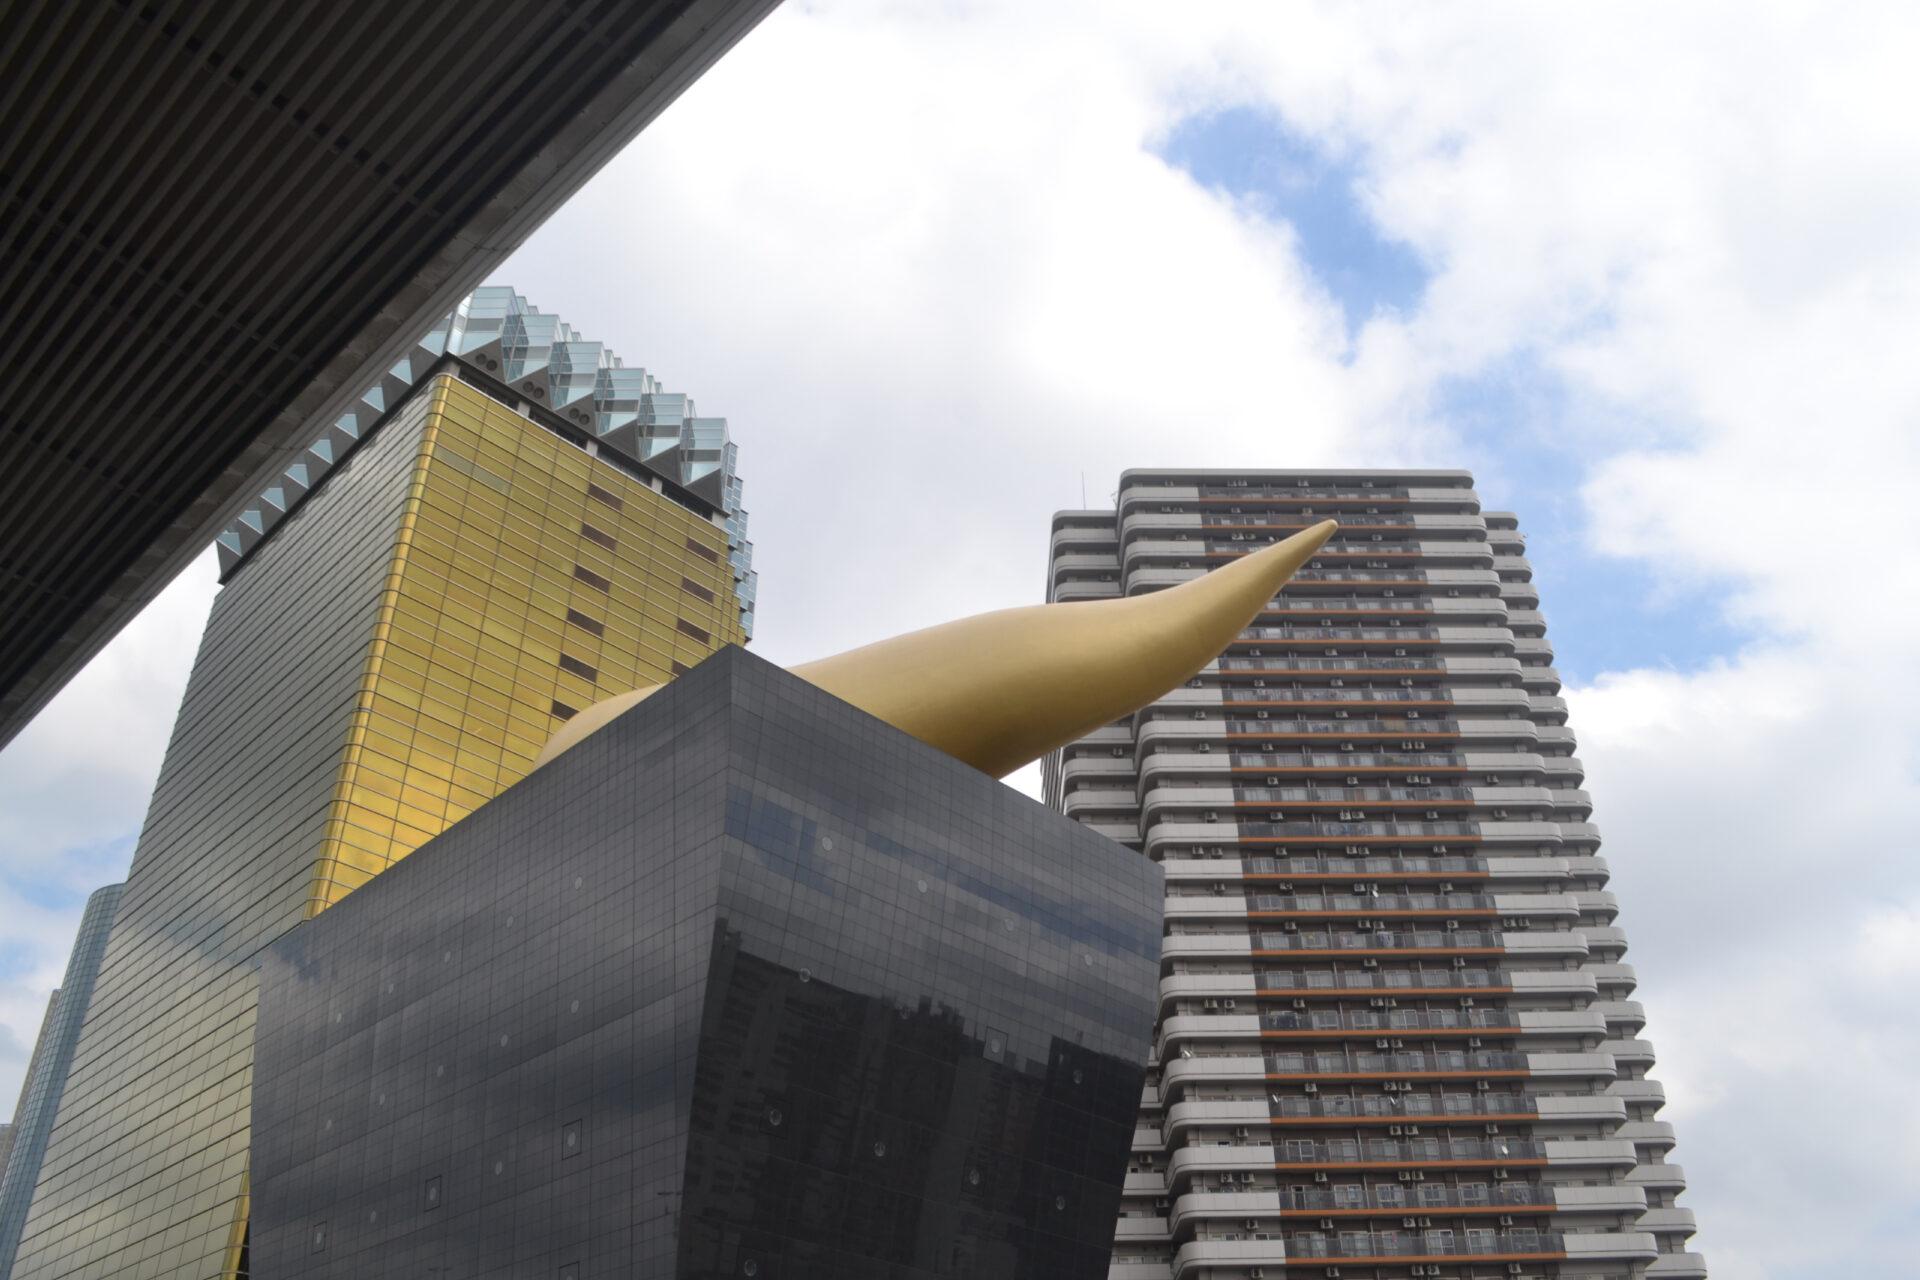 ВТокио нетолько небоскребы (2): Скай-три инабережная